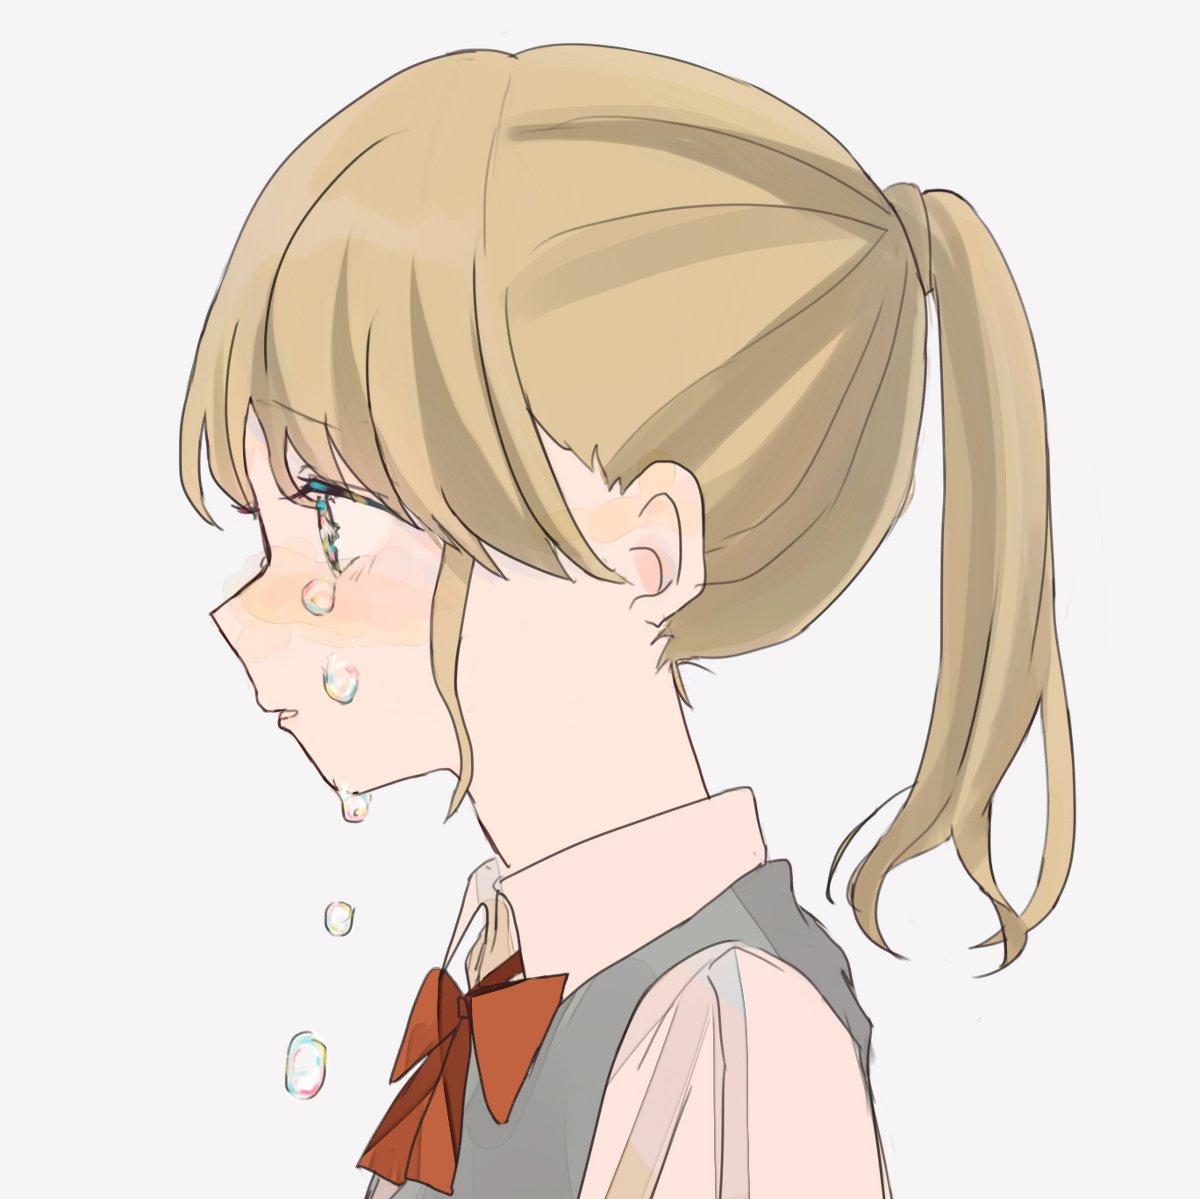 アイコン 可愛い女の子 イラスト Wwwshashinzocom